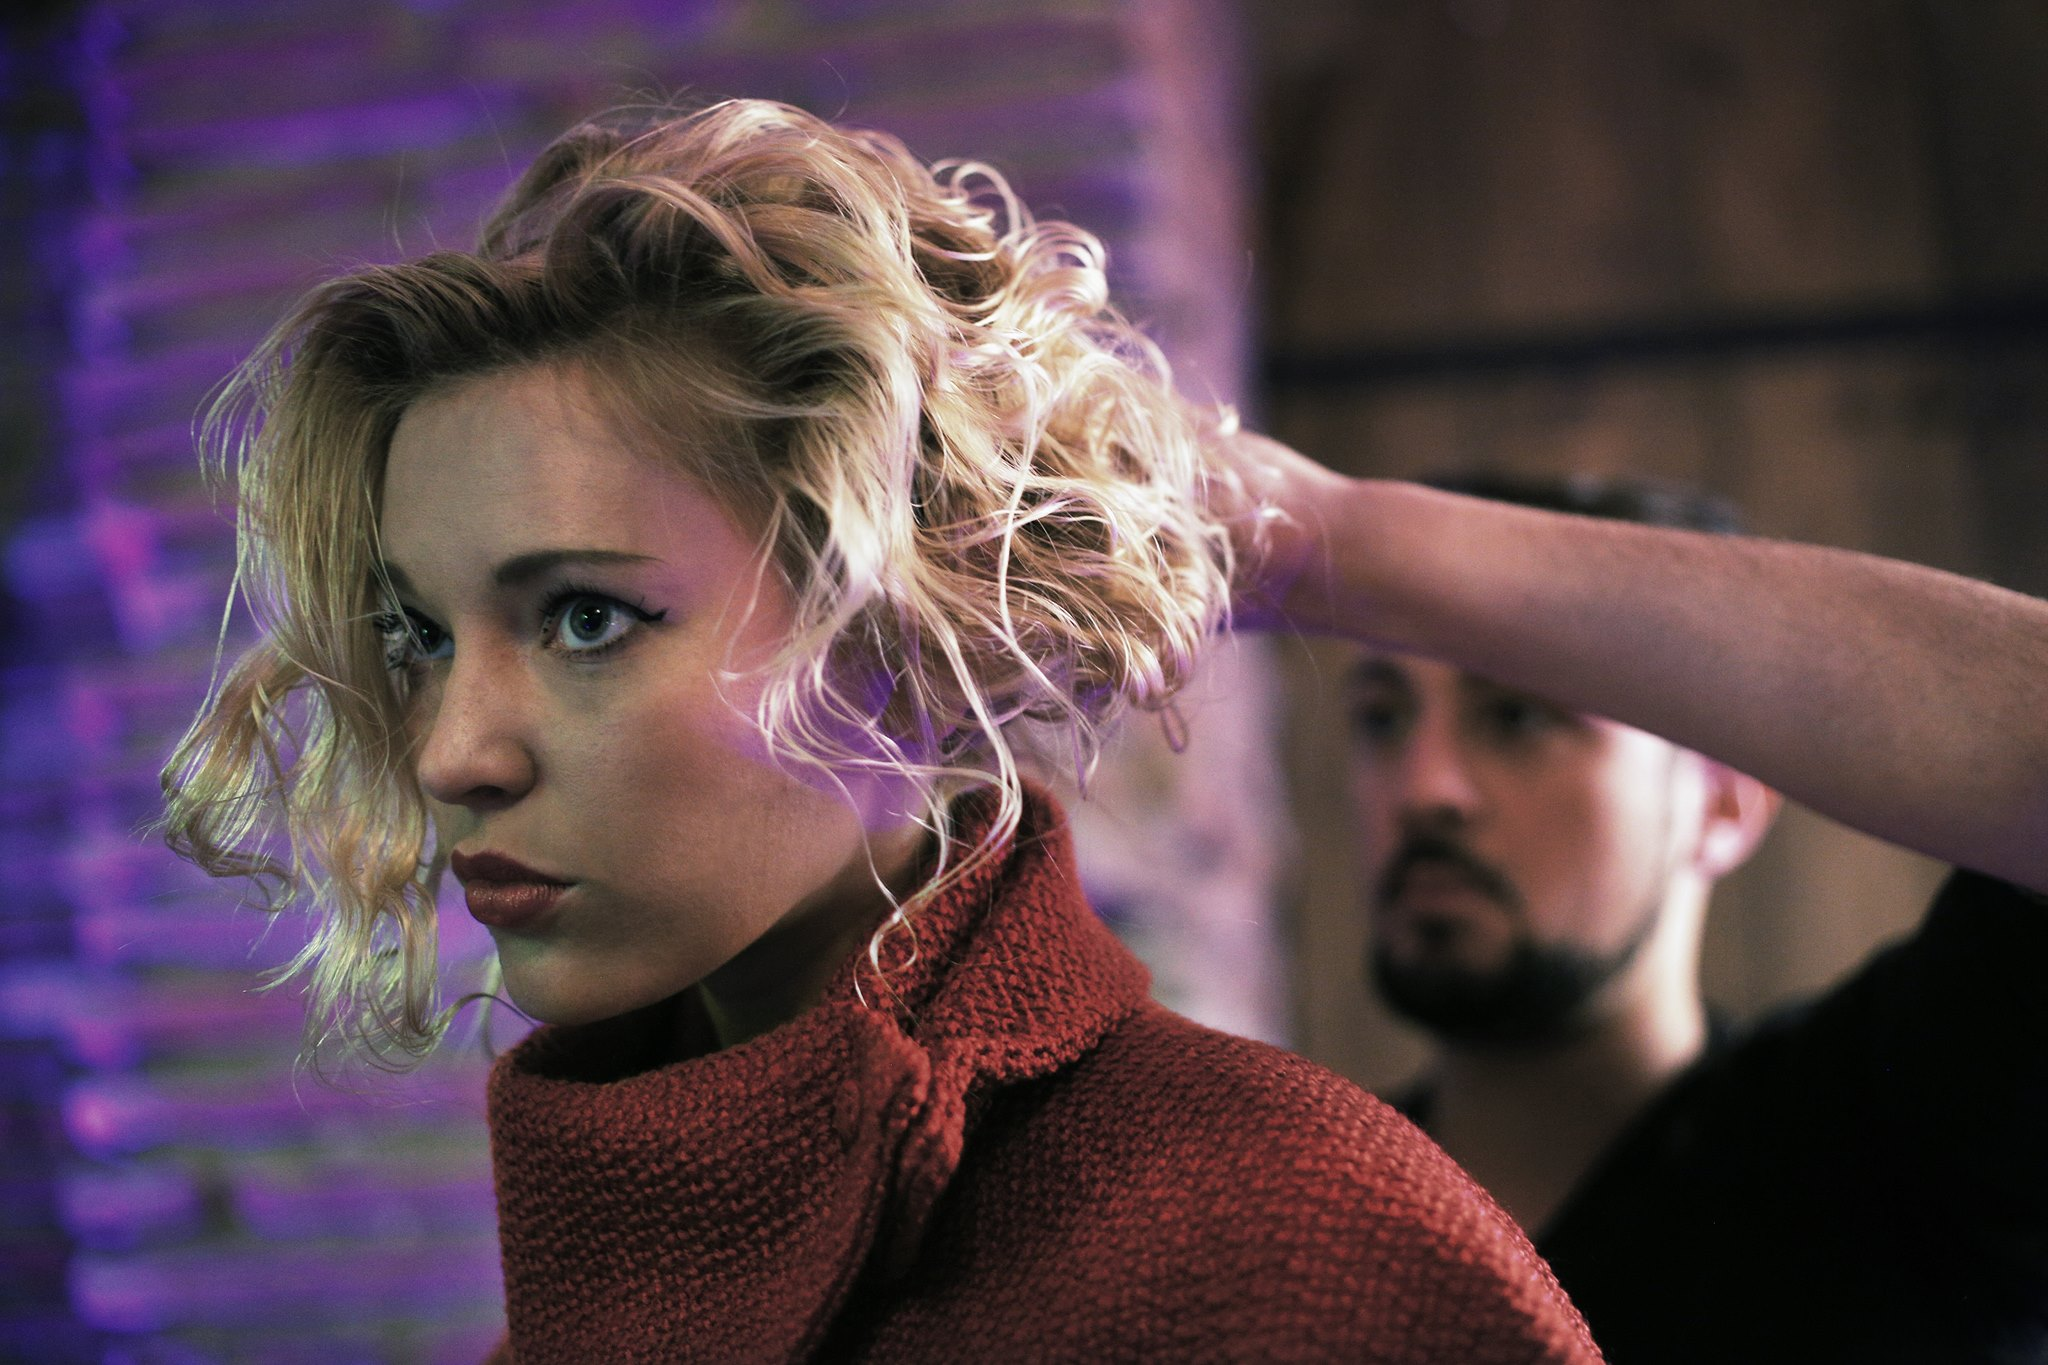 Accueil labo votre salon de coiffure au c ur de toulouse for Salon de coiffure toulouse